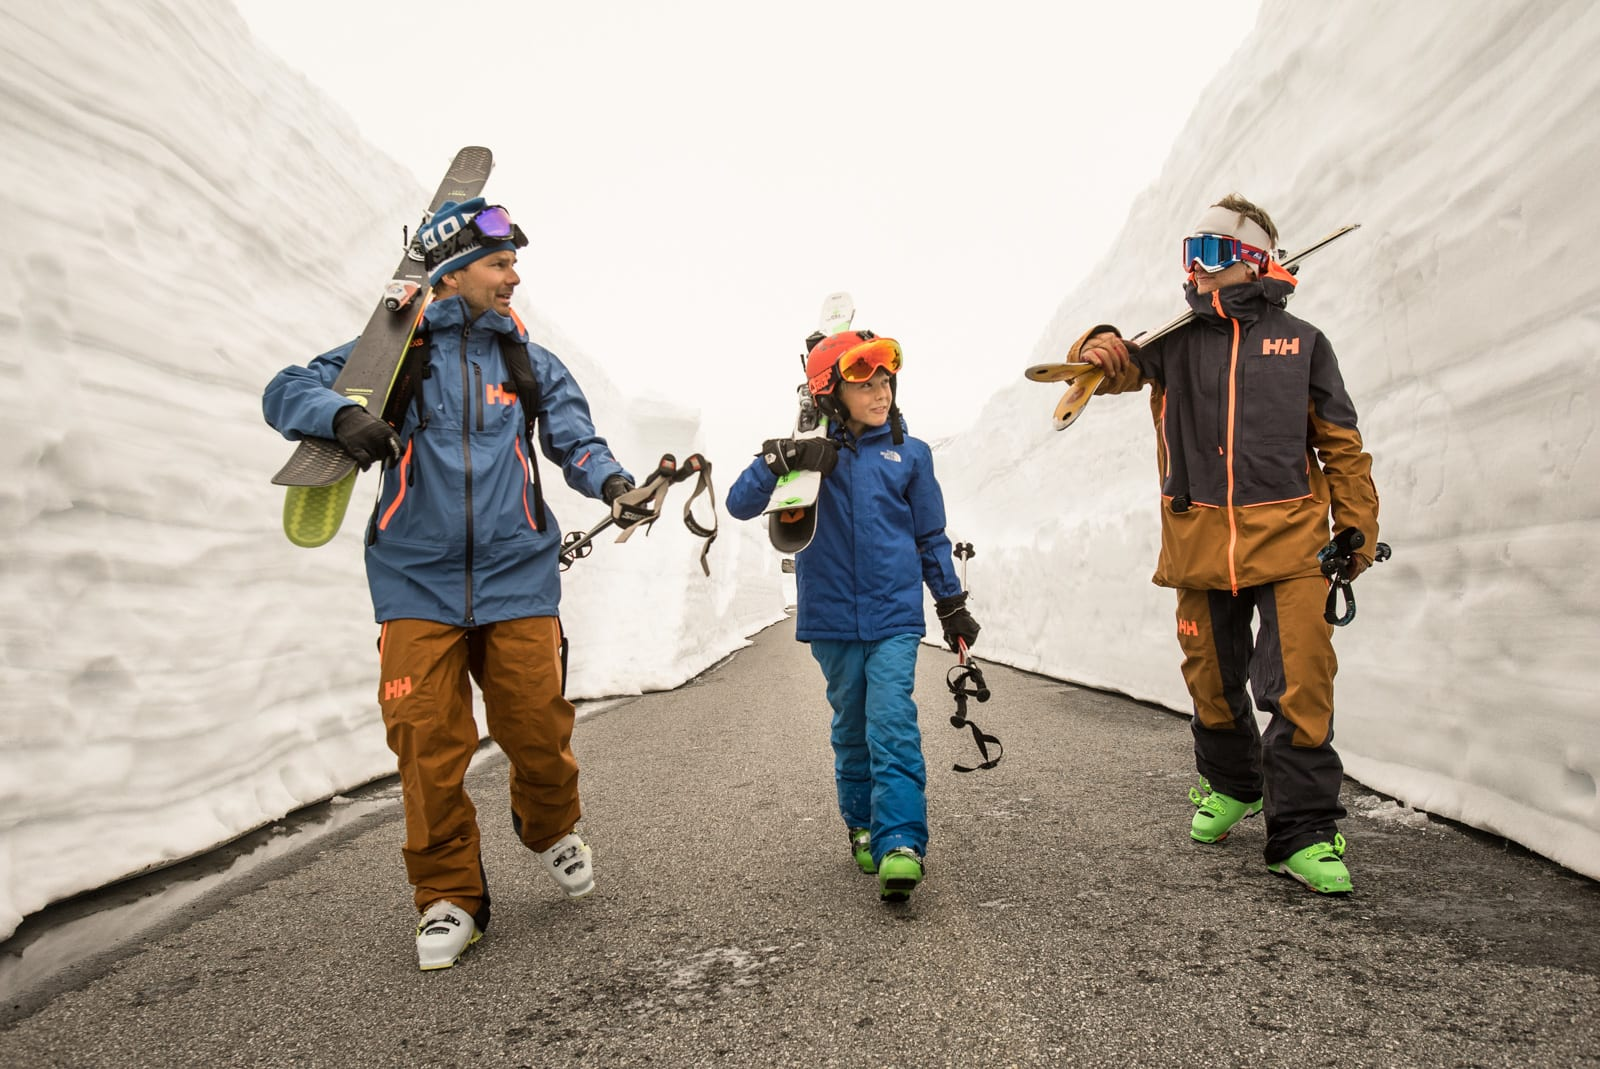 Fredrik Luytkis (t.v.), Storm Luytkis og Carl Peder Engeset har utallige timer sammen både i og utenfor løypene. Bilde: Christian Nerdrum